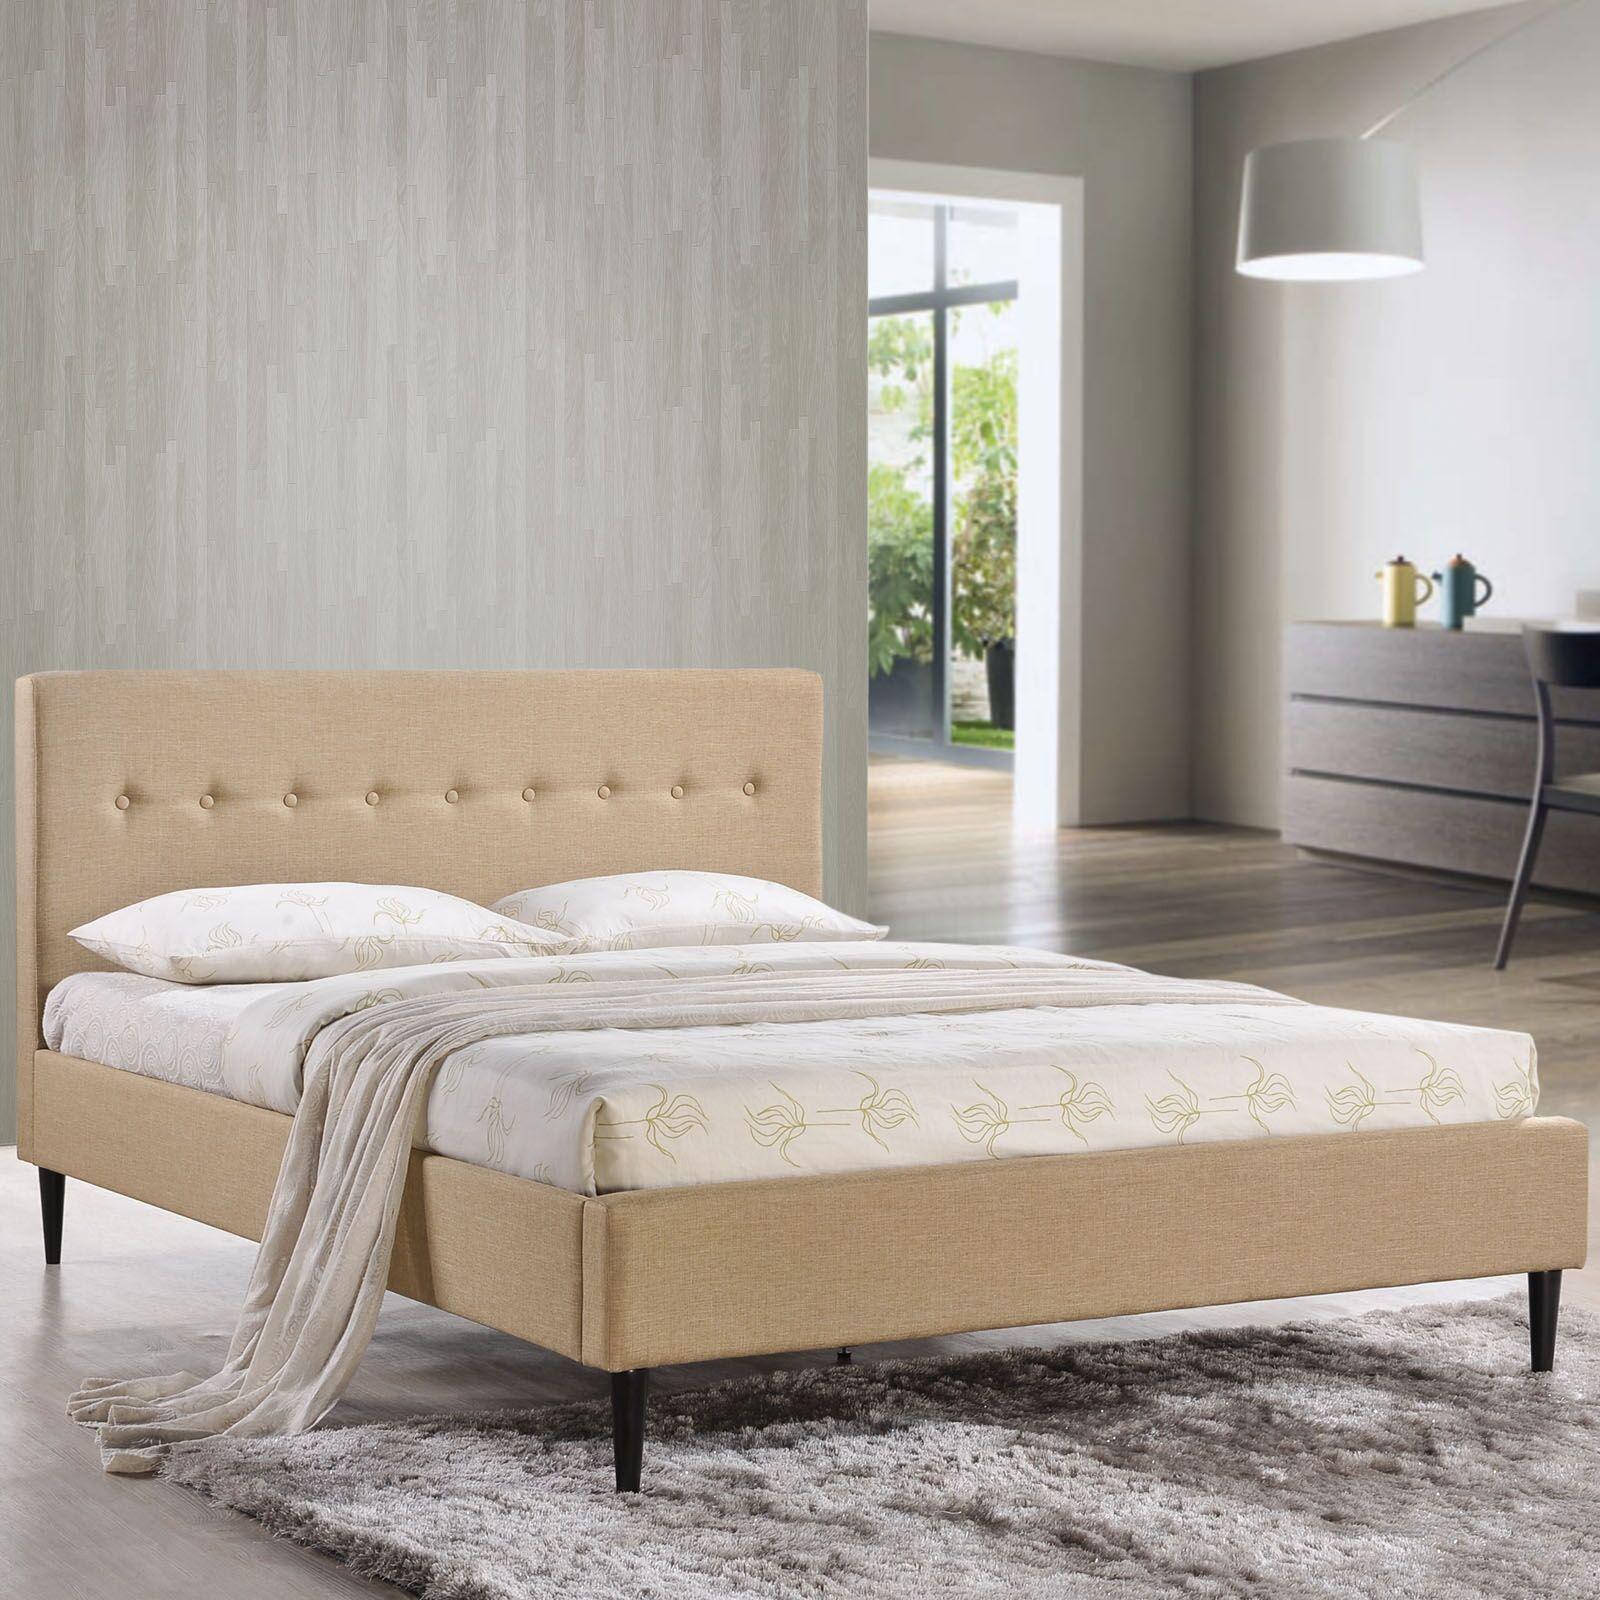 Upholstered Platform Bed Size: Queen, Color: Cafe